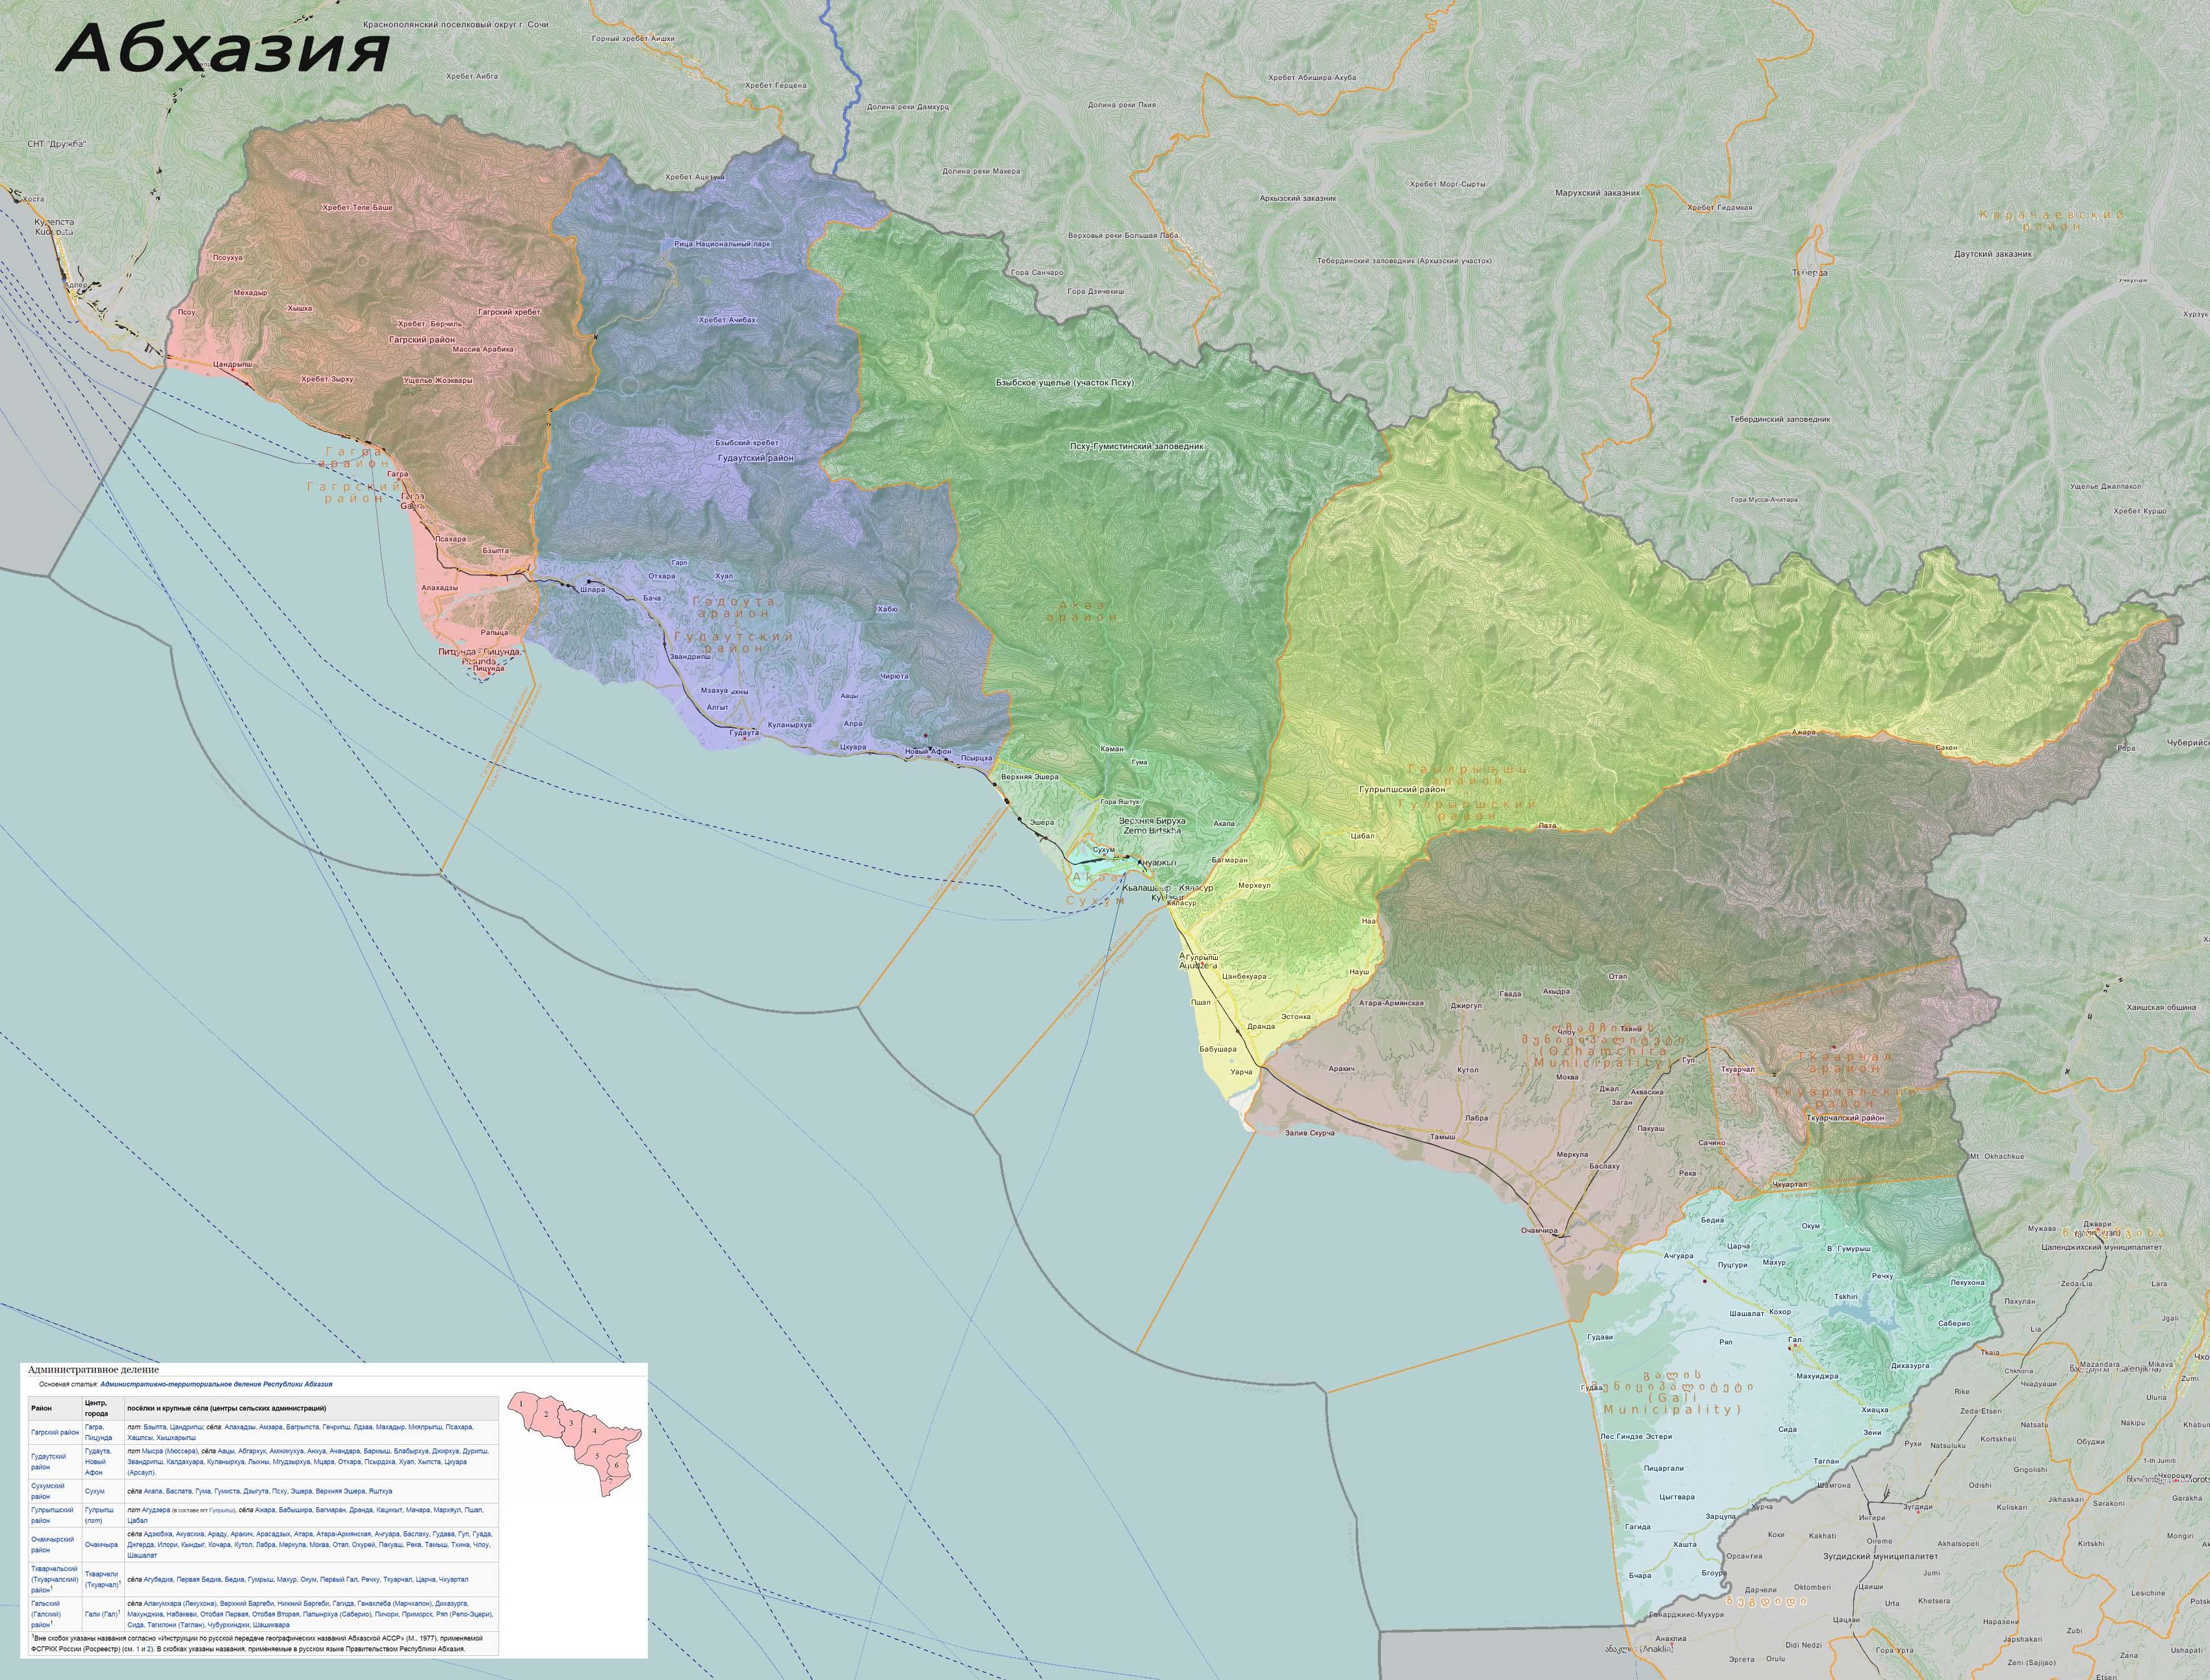 Настенная карта побережья для туристической компании